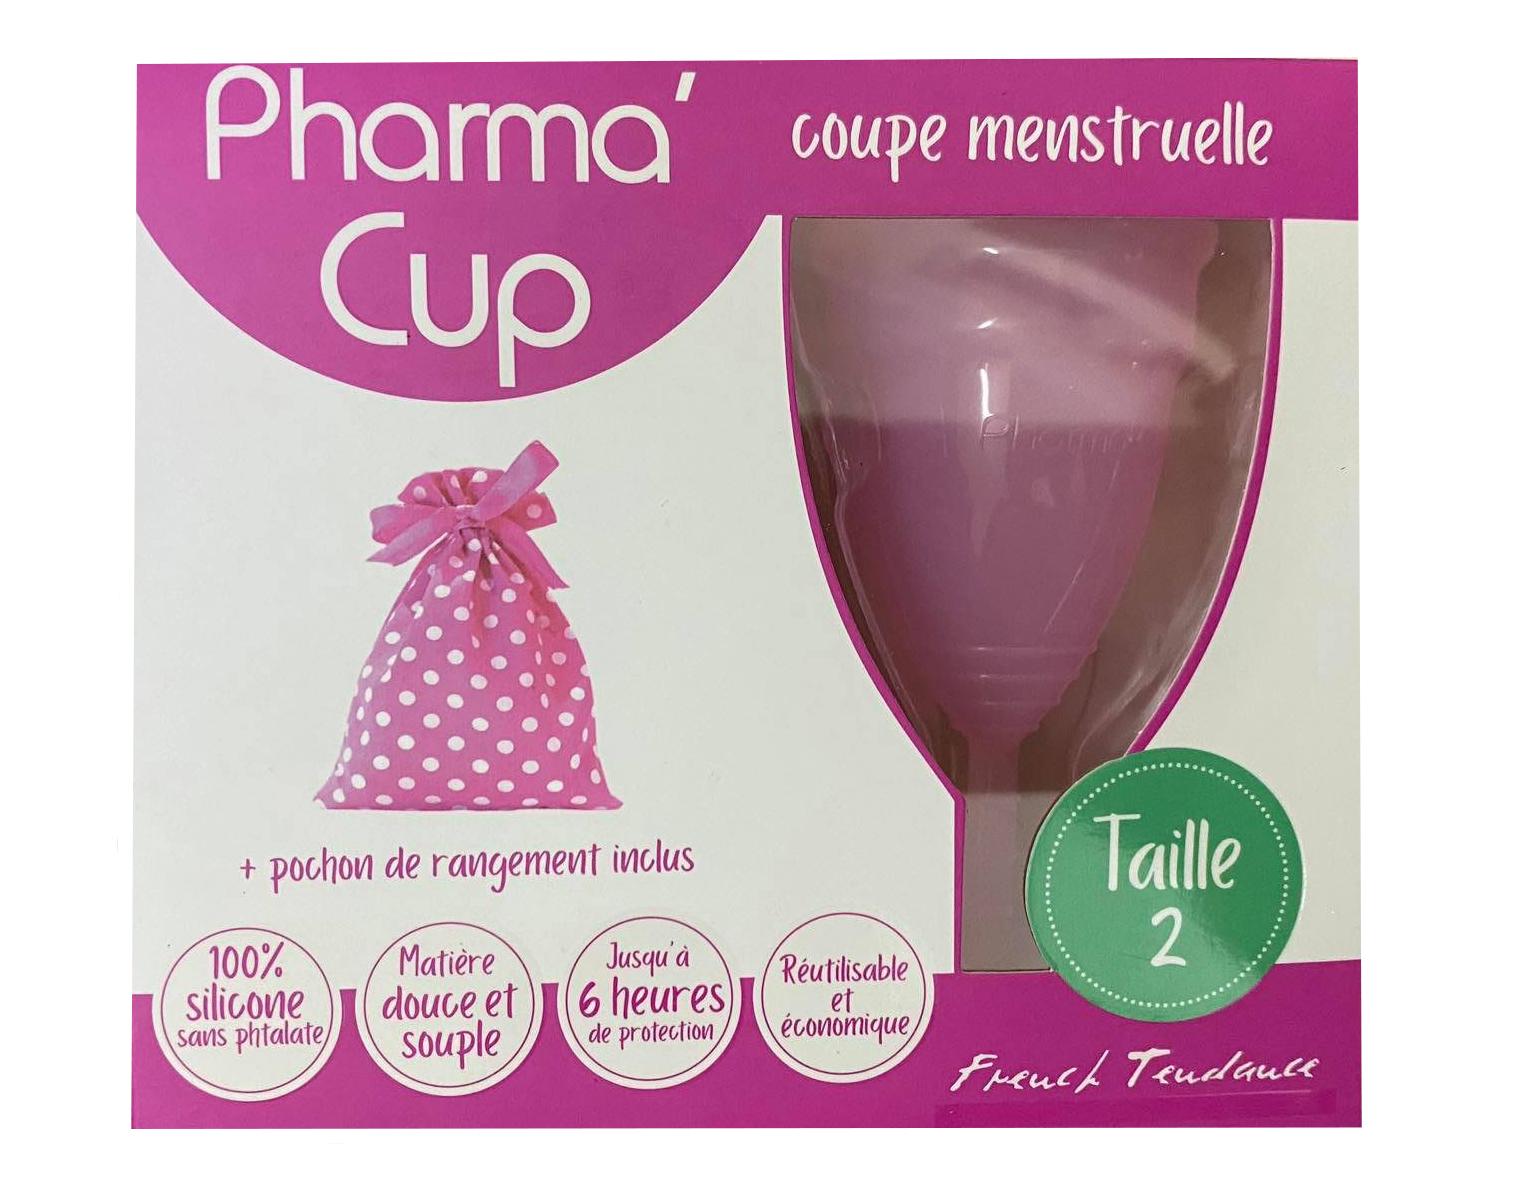 Cốc nguyệt san Pharma Cup của Pháp mẫu mới